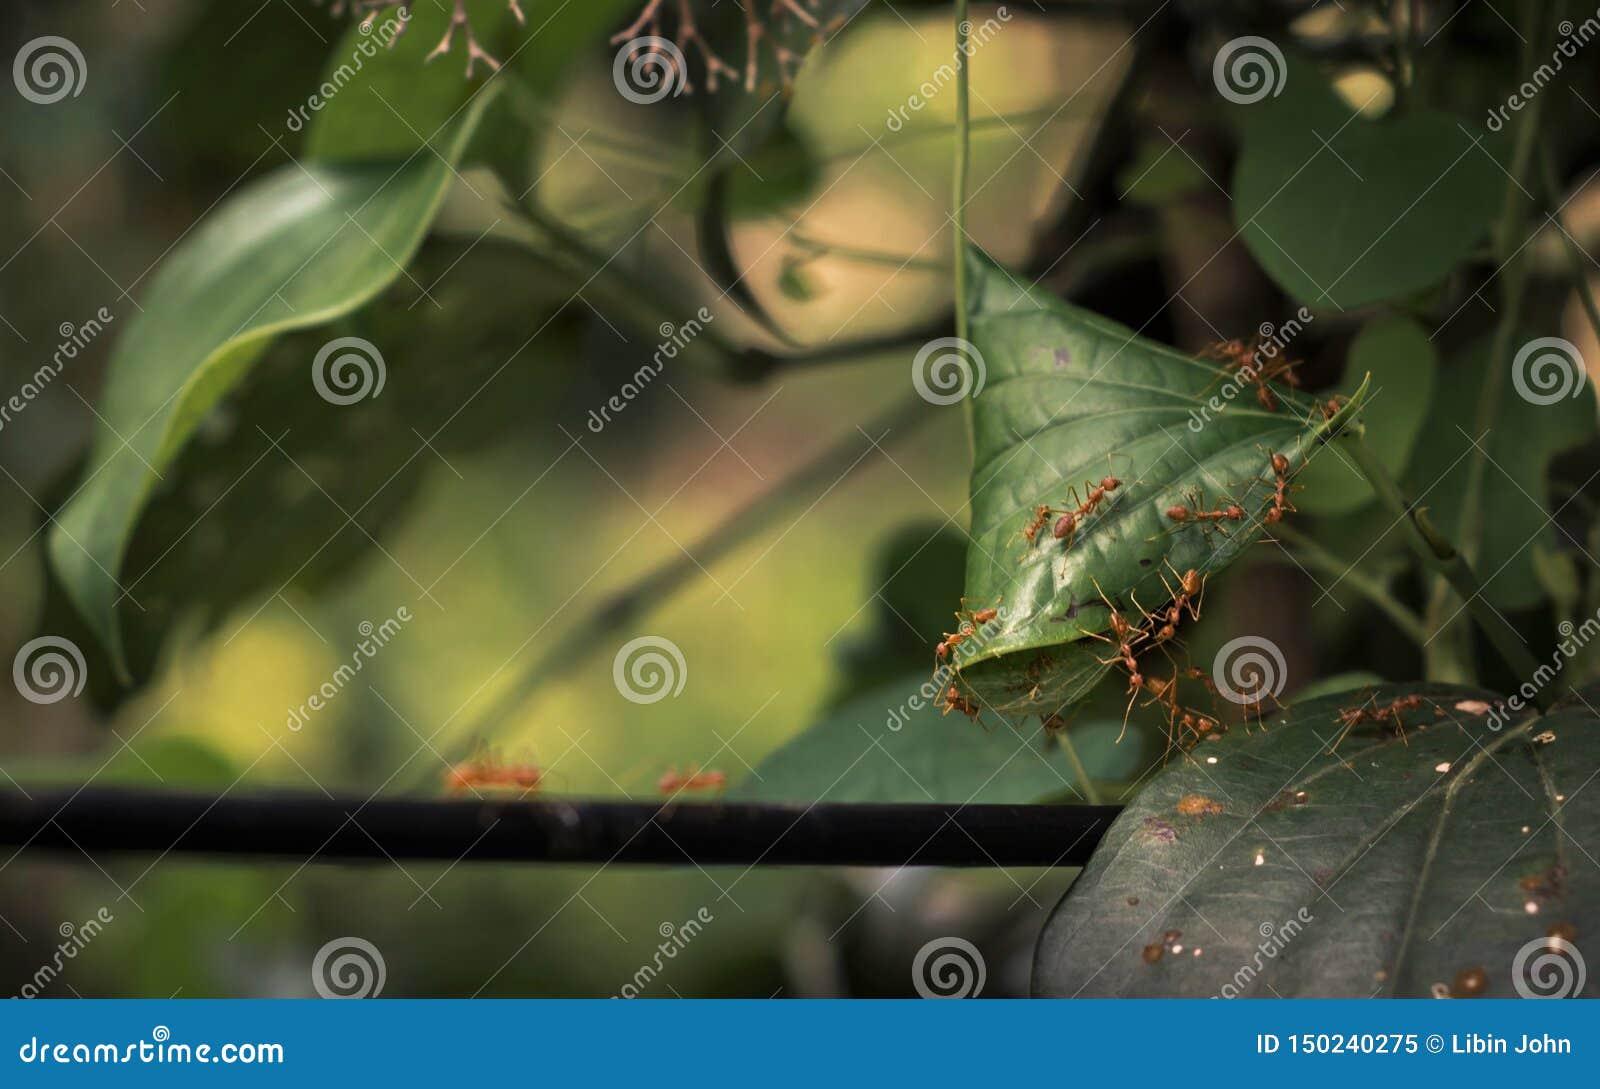 Construindo um ninho por formigas do tecelão em uma árvore